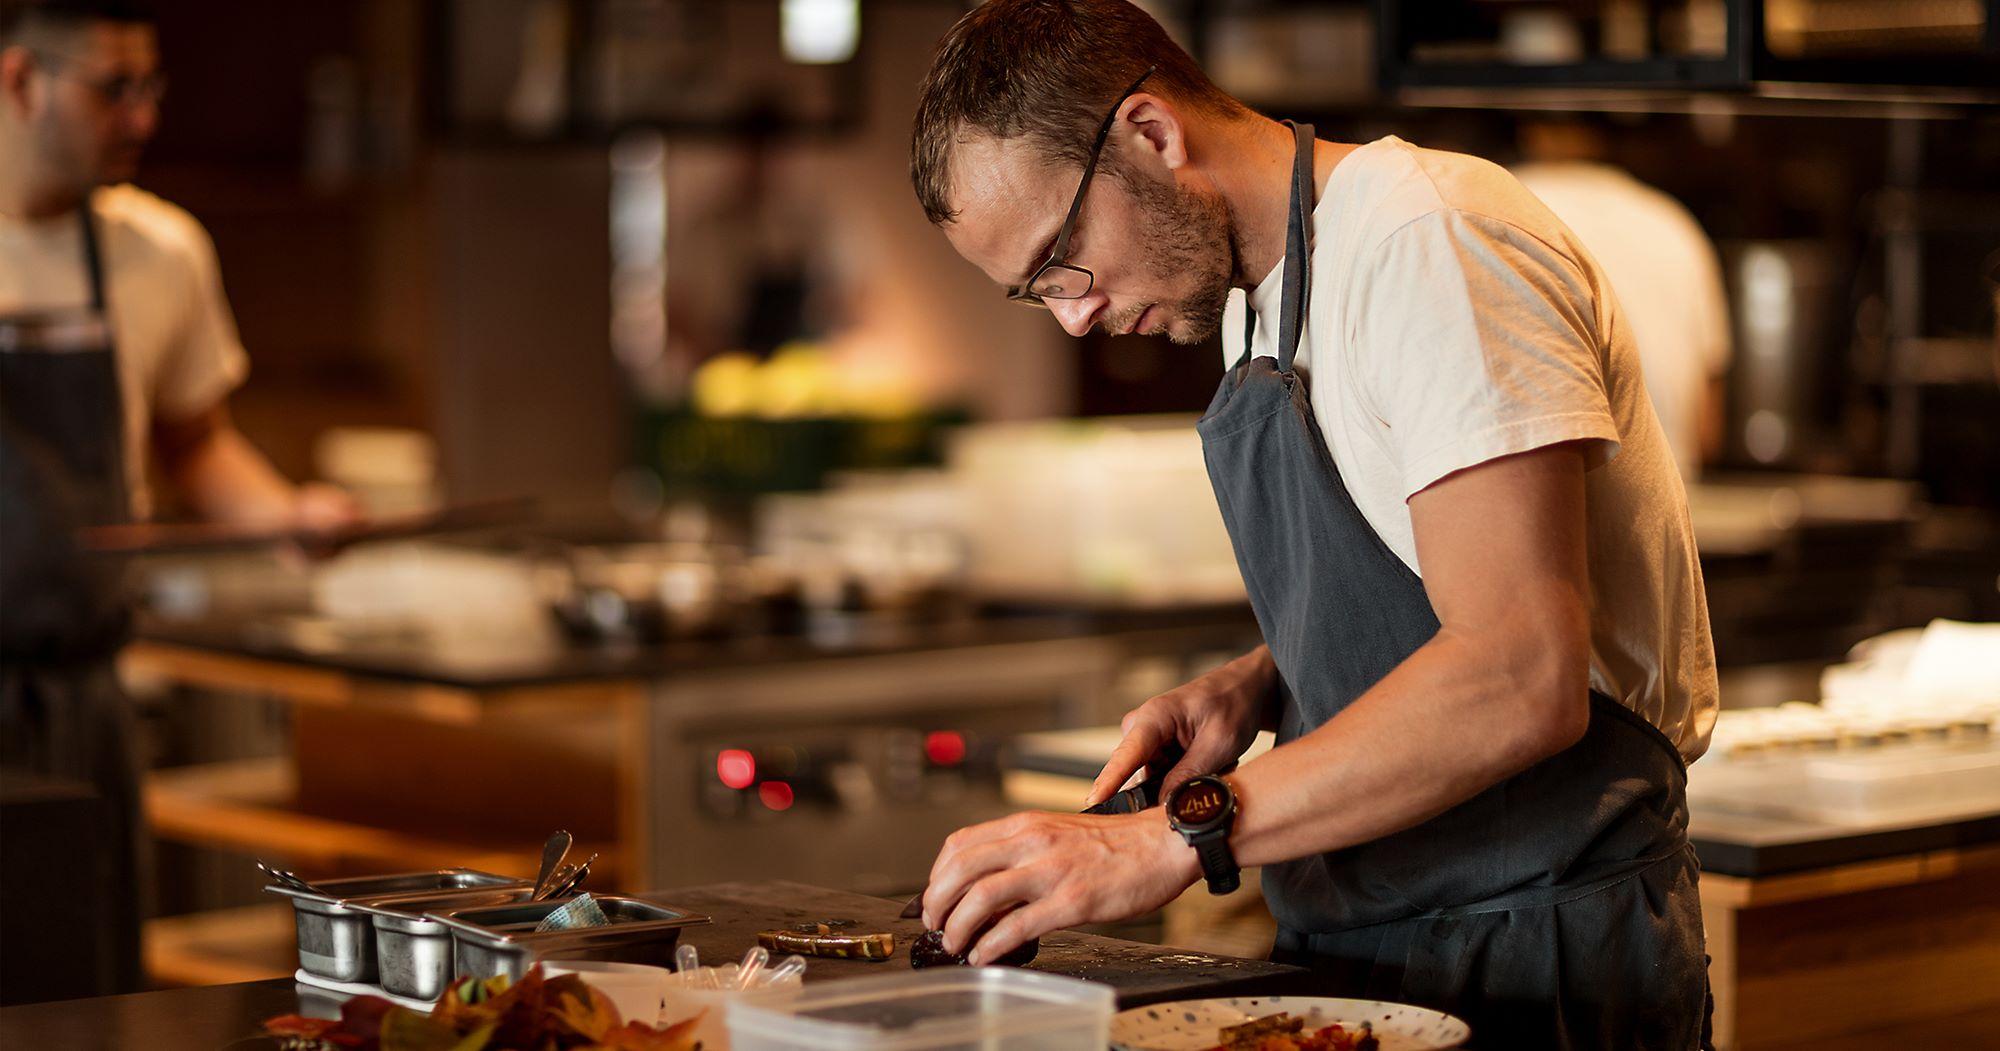 ヘッドシェフを務めるトーマス・フレベル。ドイツ出身で、伝統的な郷土の食文化の中で育った。